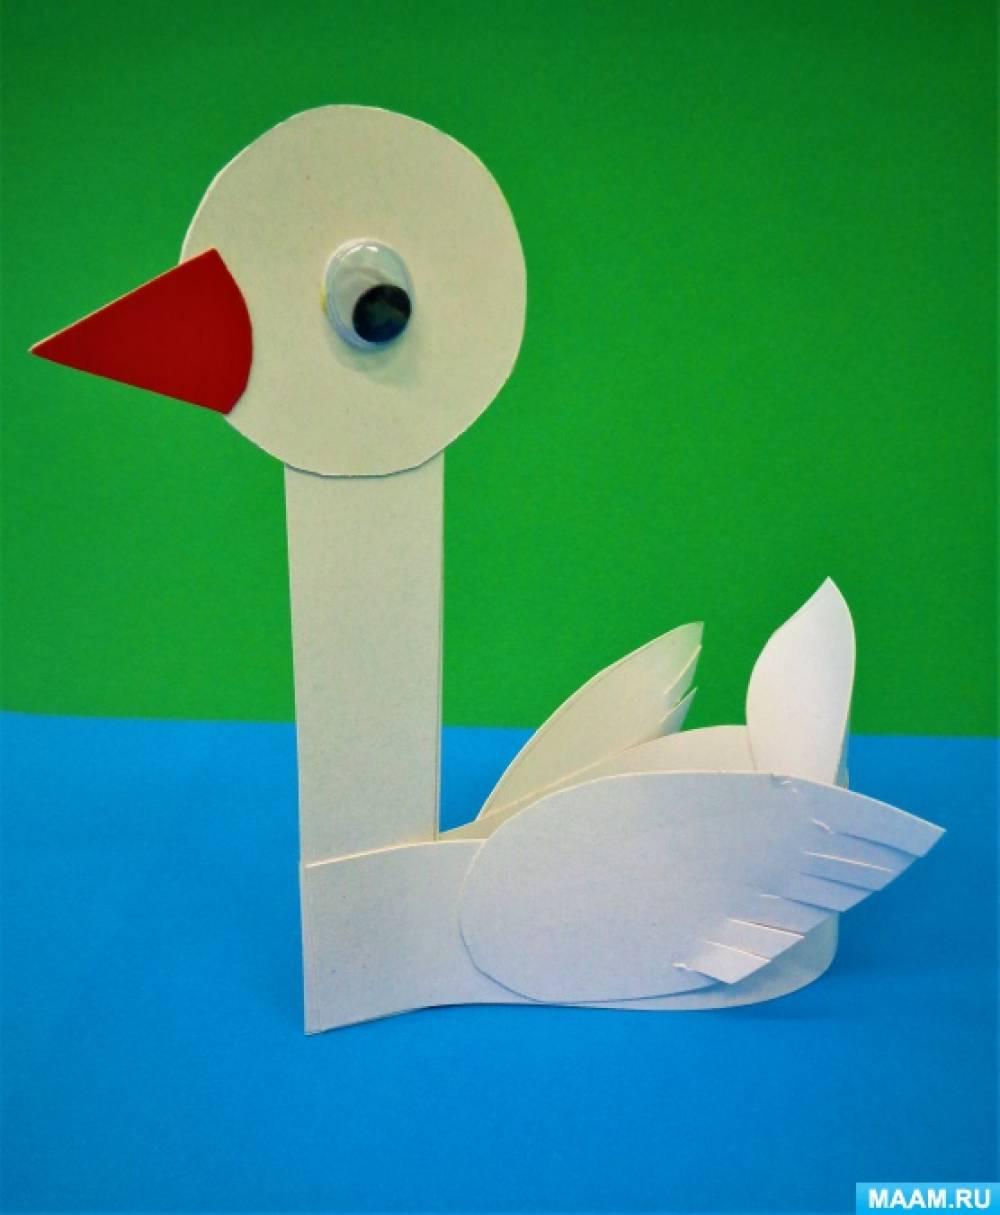 «Белый лебедь так хорош— просто глаз не отведёшь!» Конструирование из бумаги с детьми старшей логопедической группы